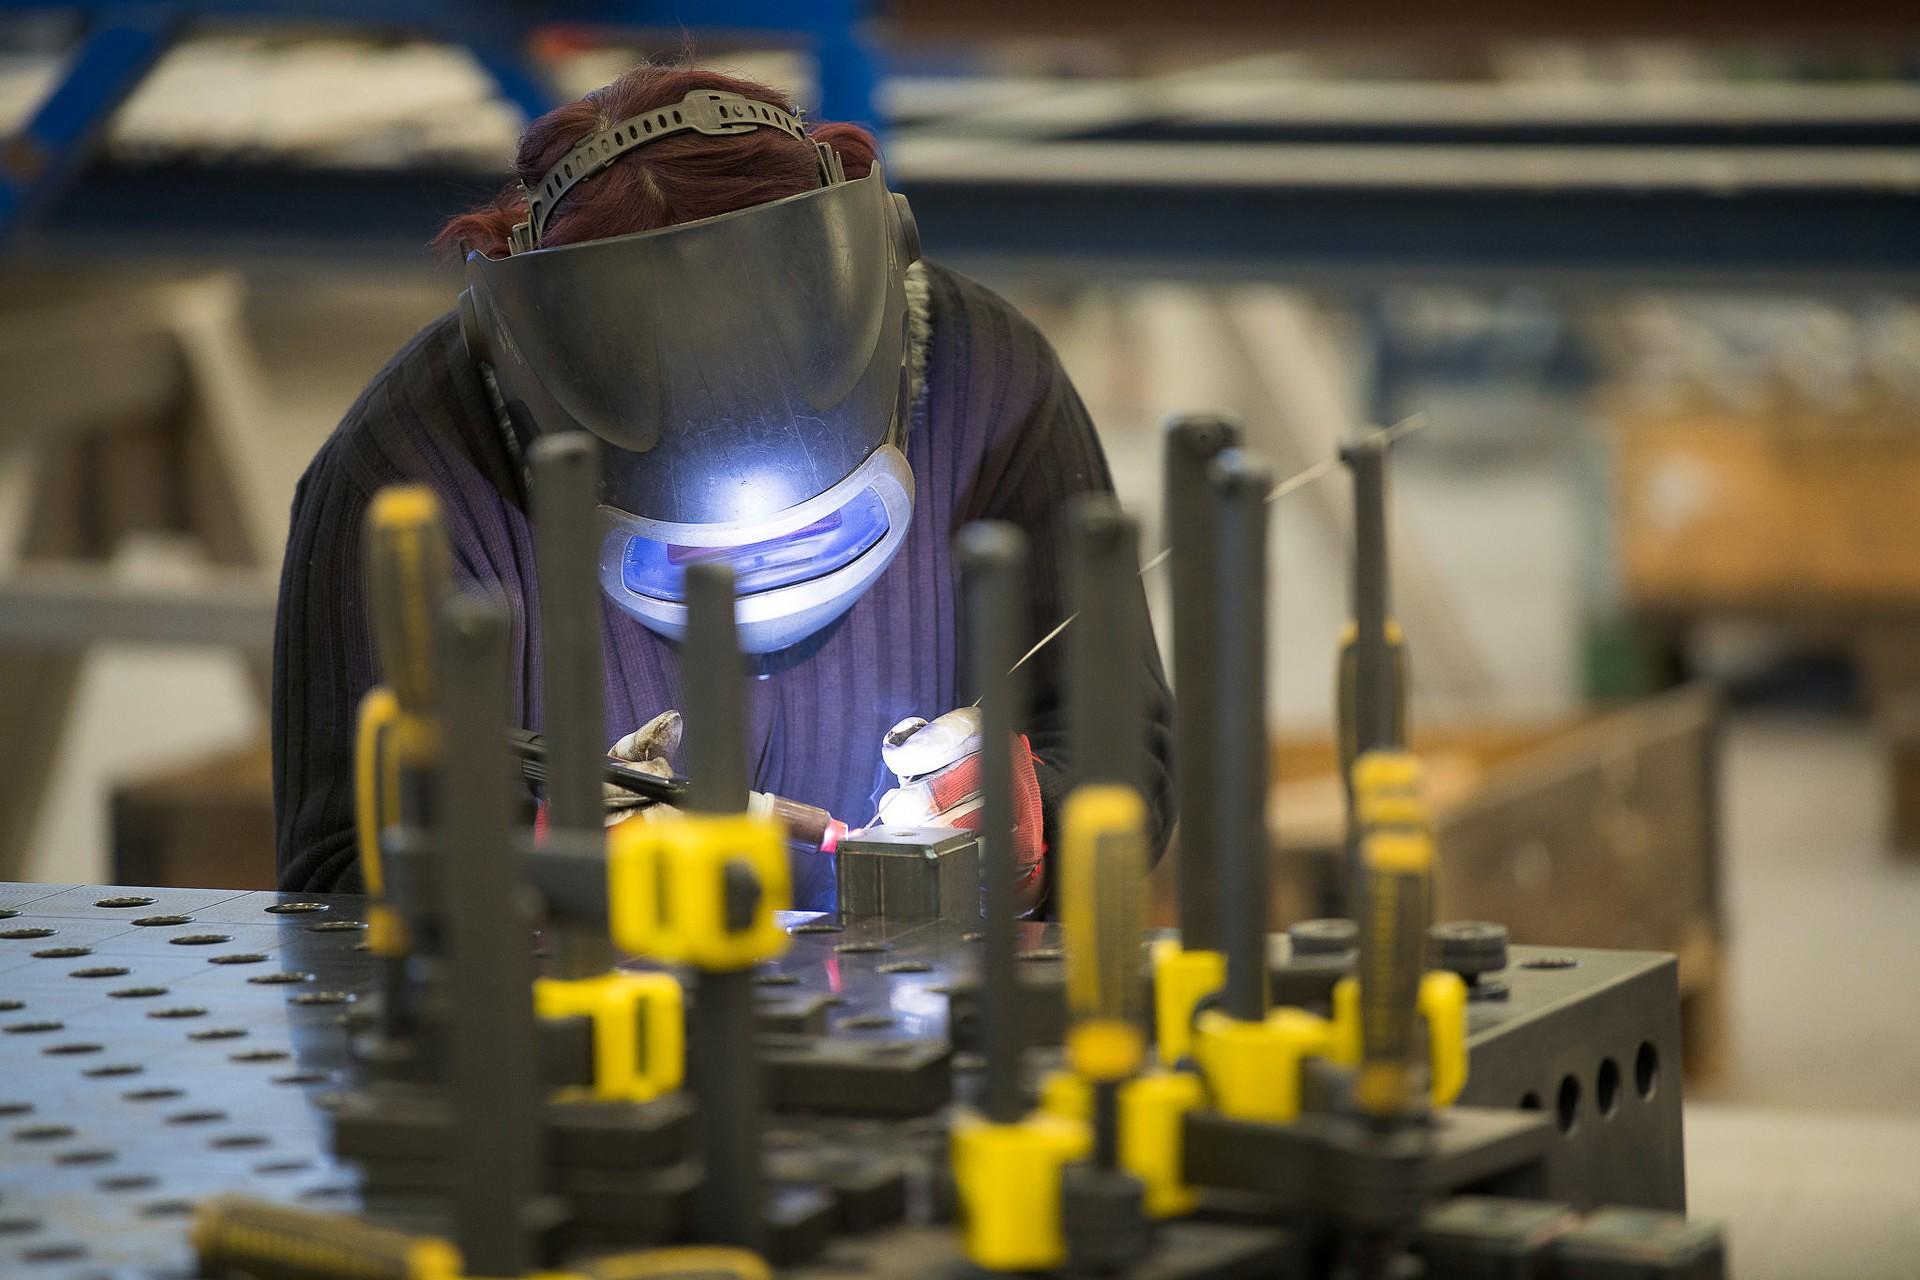 Предприятие «Jensen Metal» вынуждено сокращать количество работников. Уровень безработицы в Лиепае немного возрастает